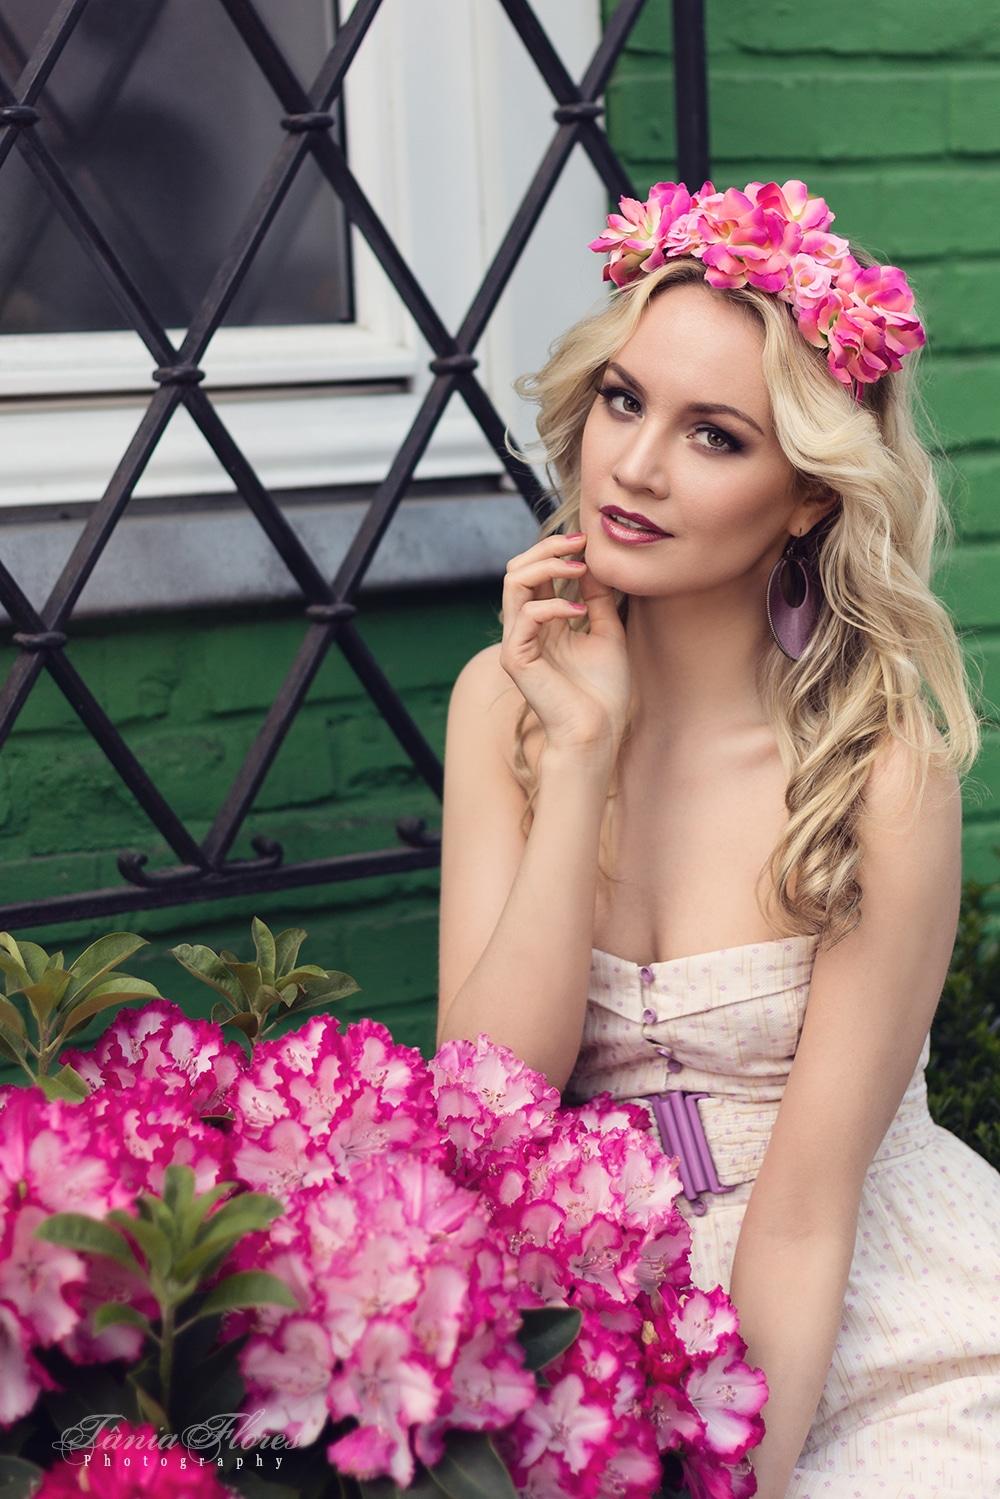 tania-flores-photography-portrait-beauty-2